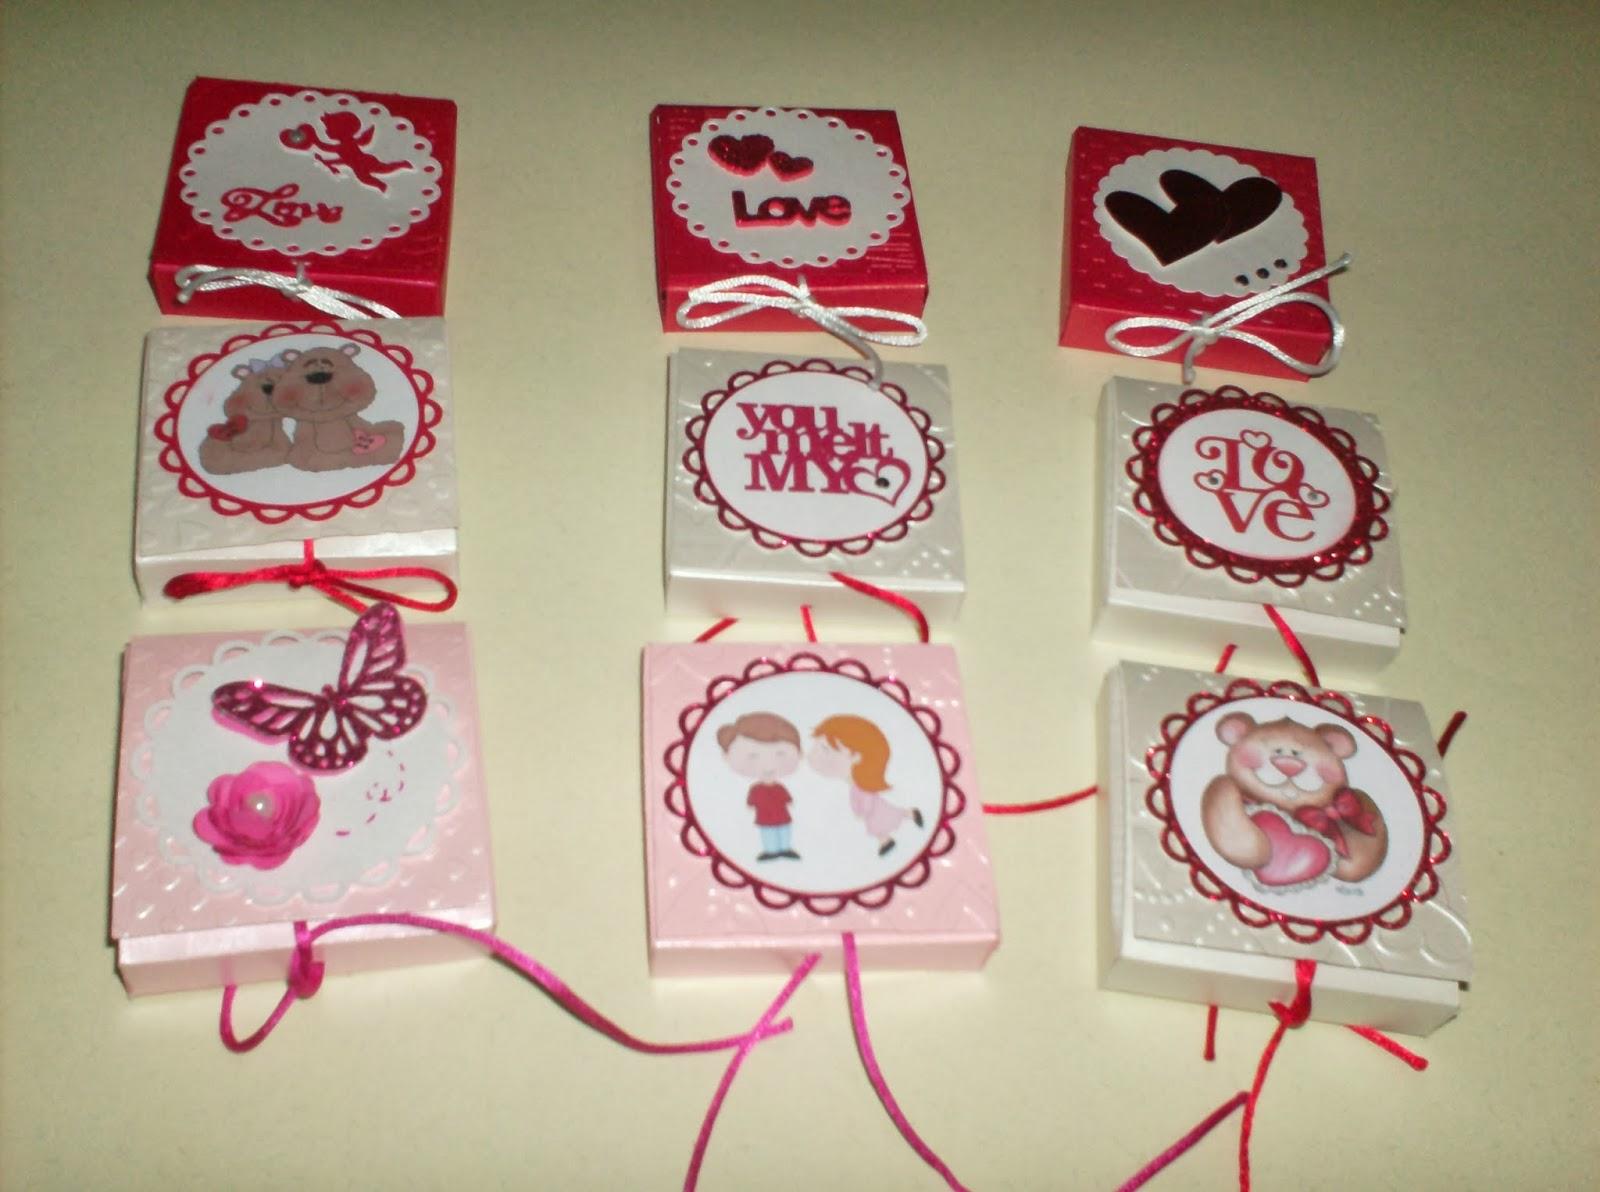 Para De Amor Y 14 Febrero De Febrero Dia 14 De Caja La El Madera En Amistad Arreglos Del